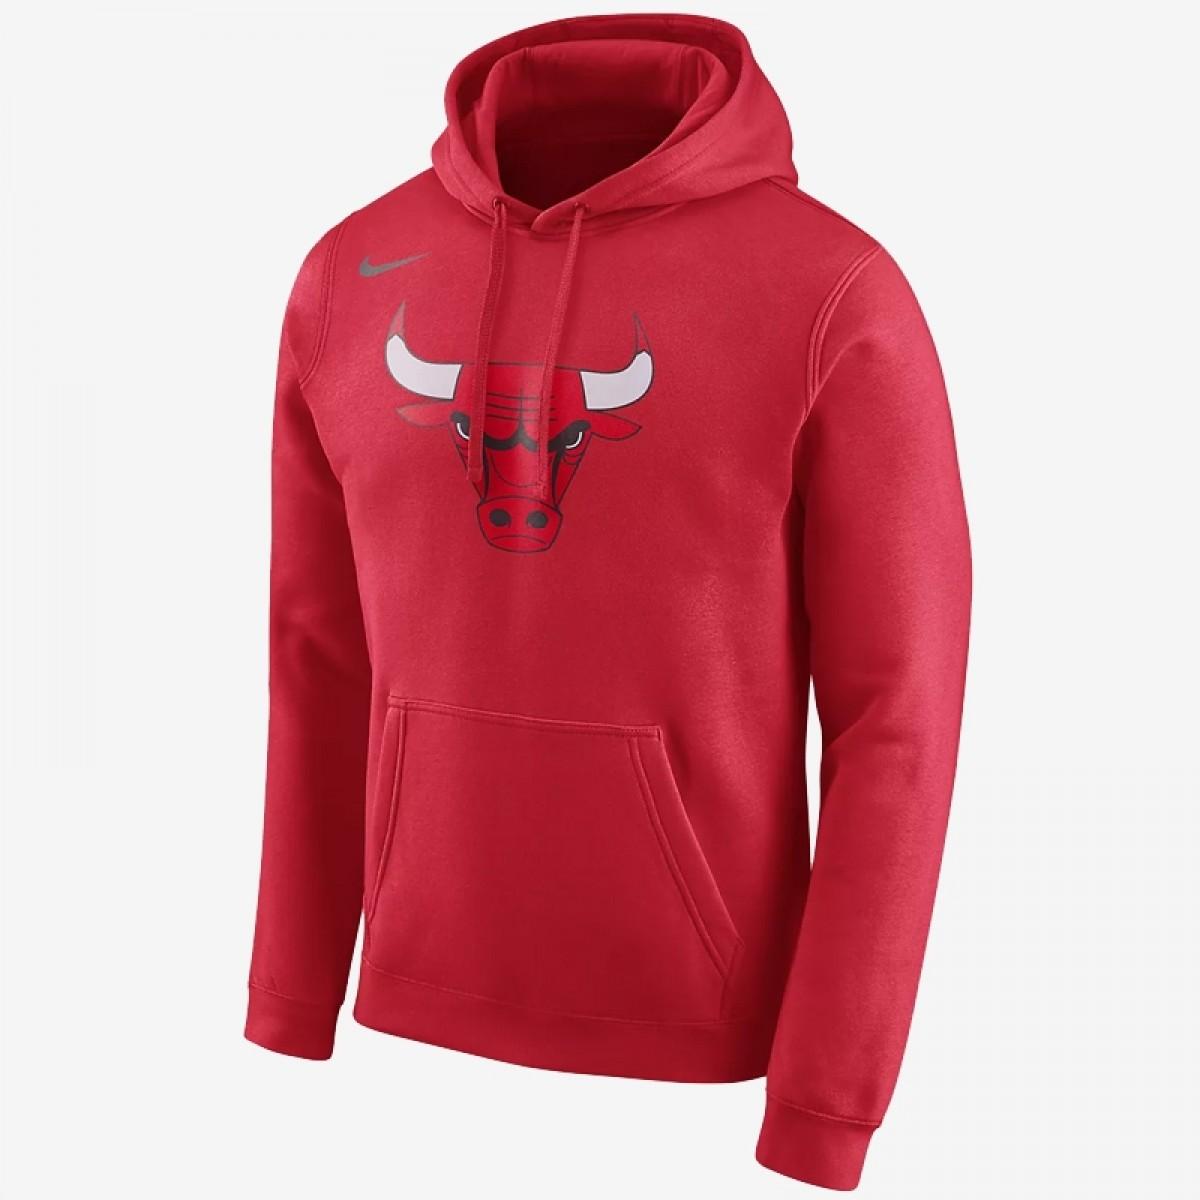 Nike Chicago Bulls Hoody 'Red'